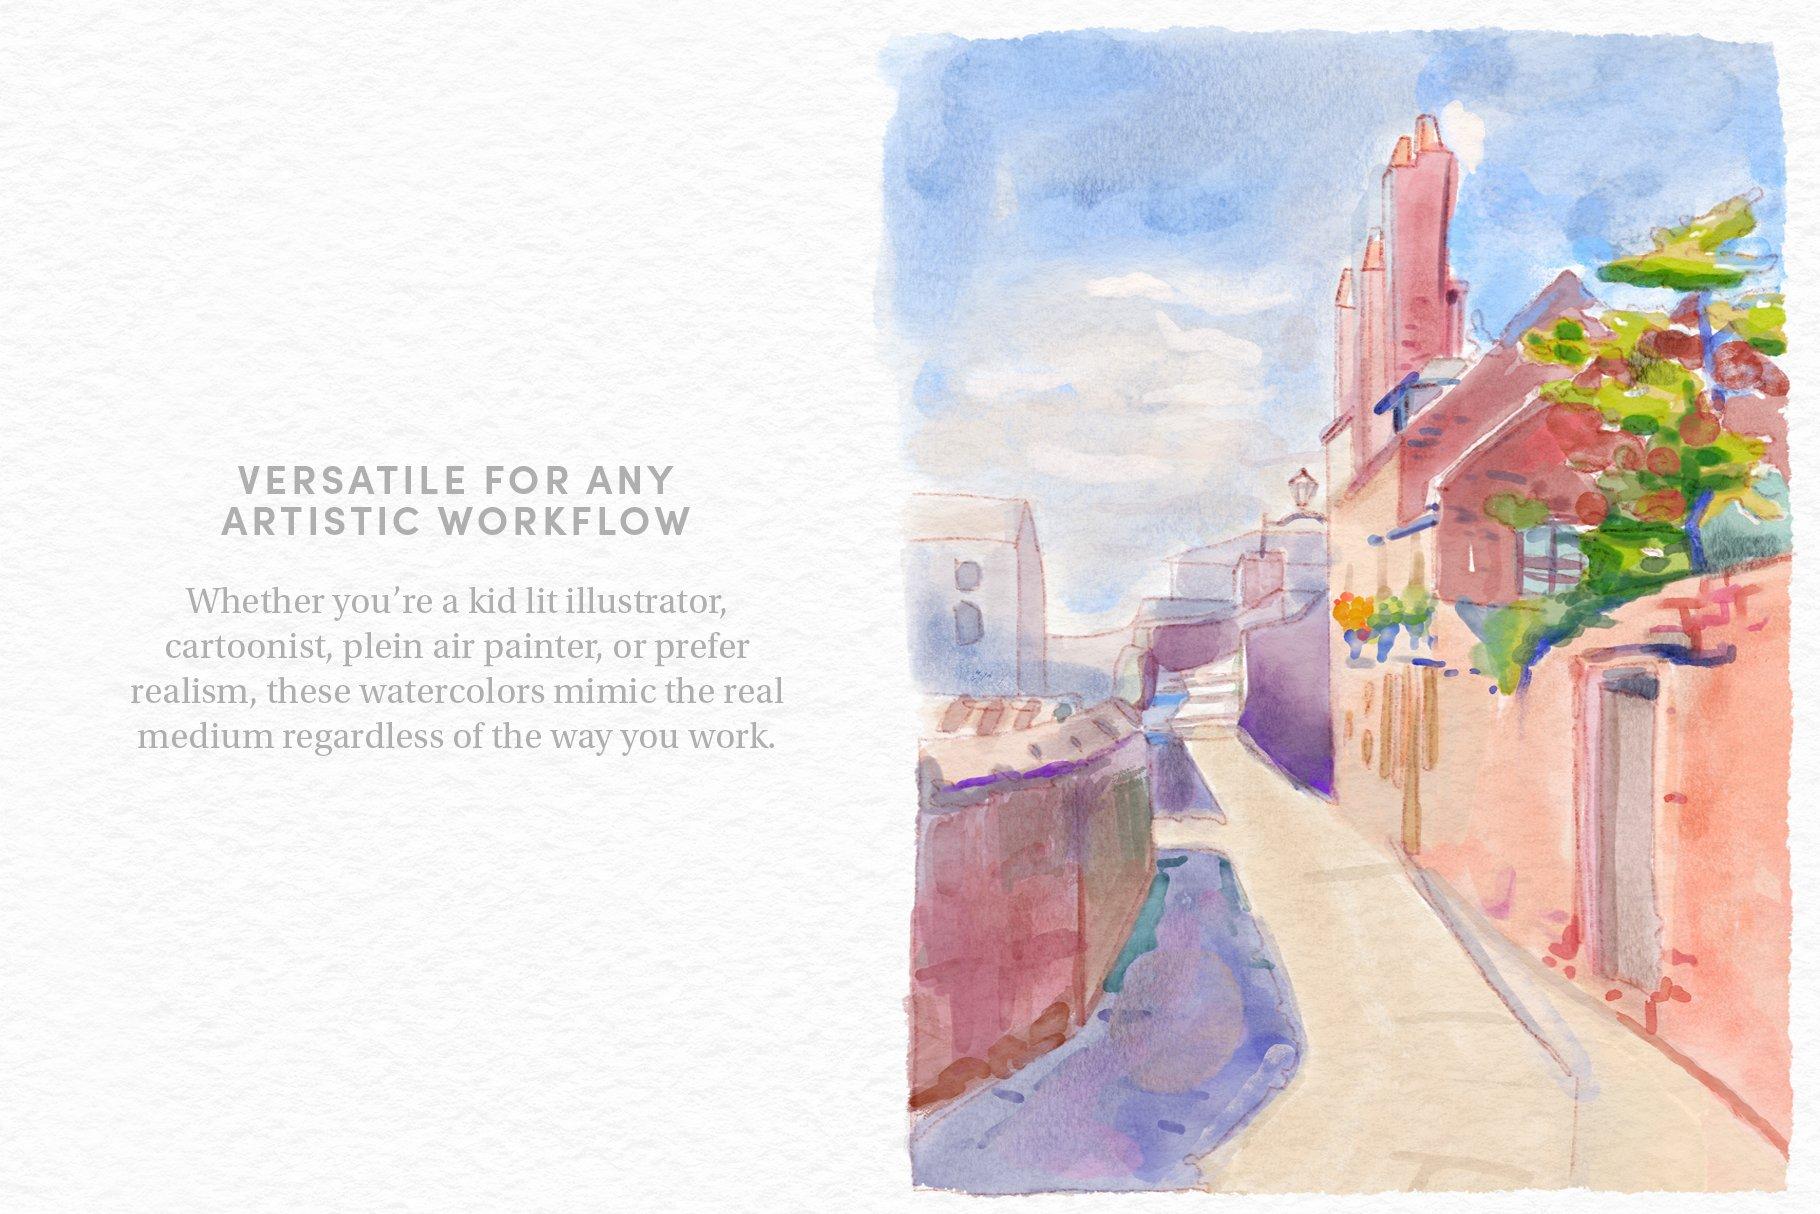 26款逼真水彩绘画纹理效果Procreate笔刷 Watercolor Kit – Procreate Brushes插图(12)